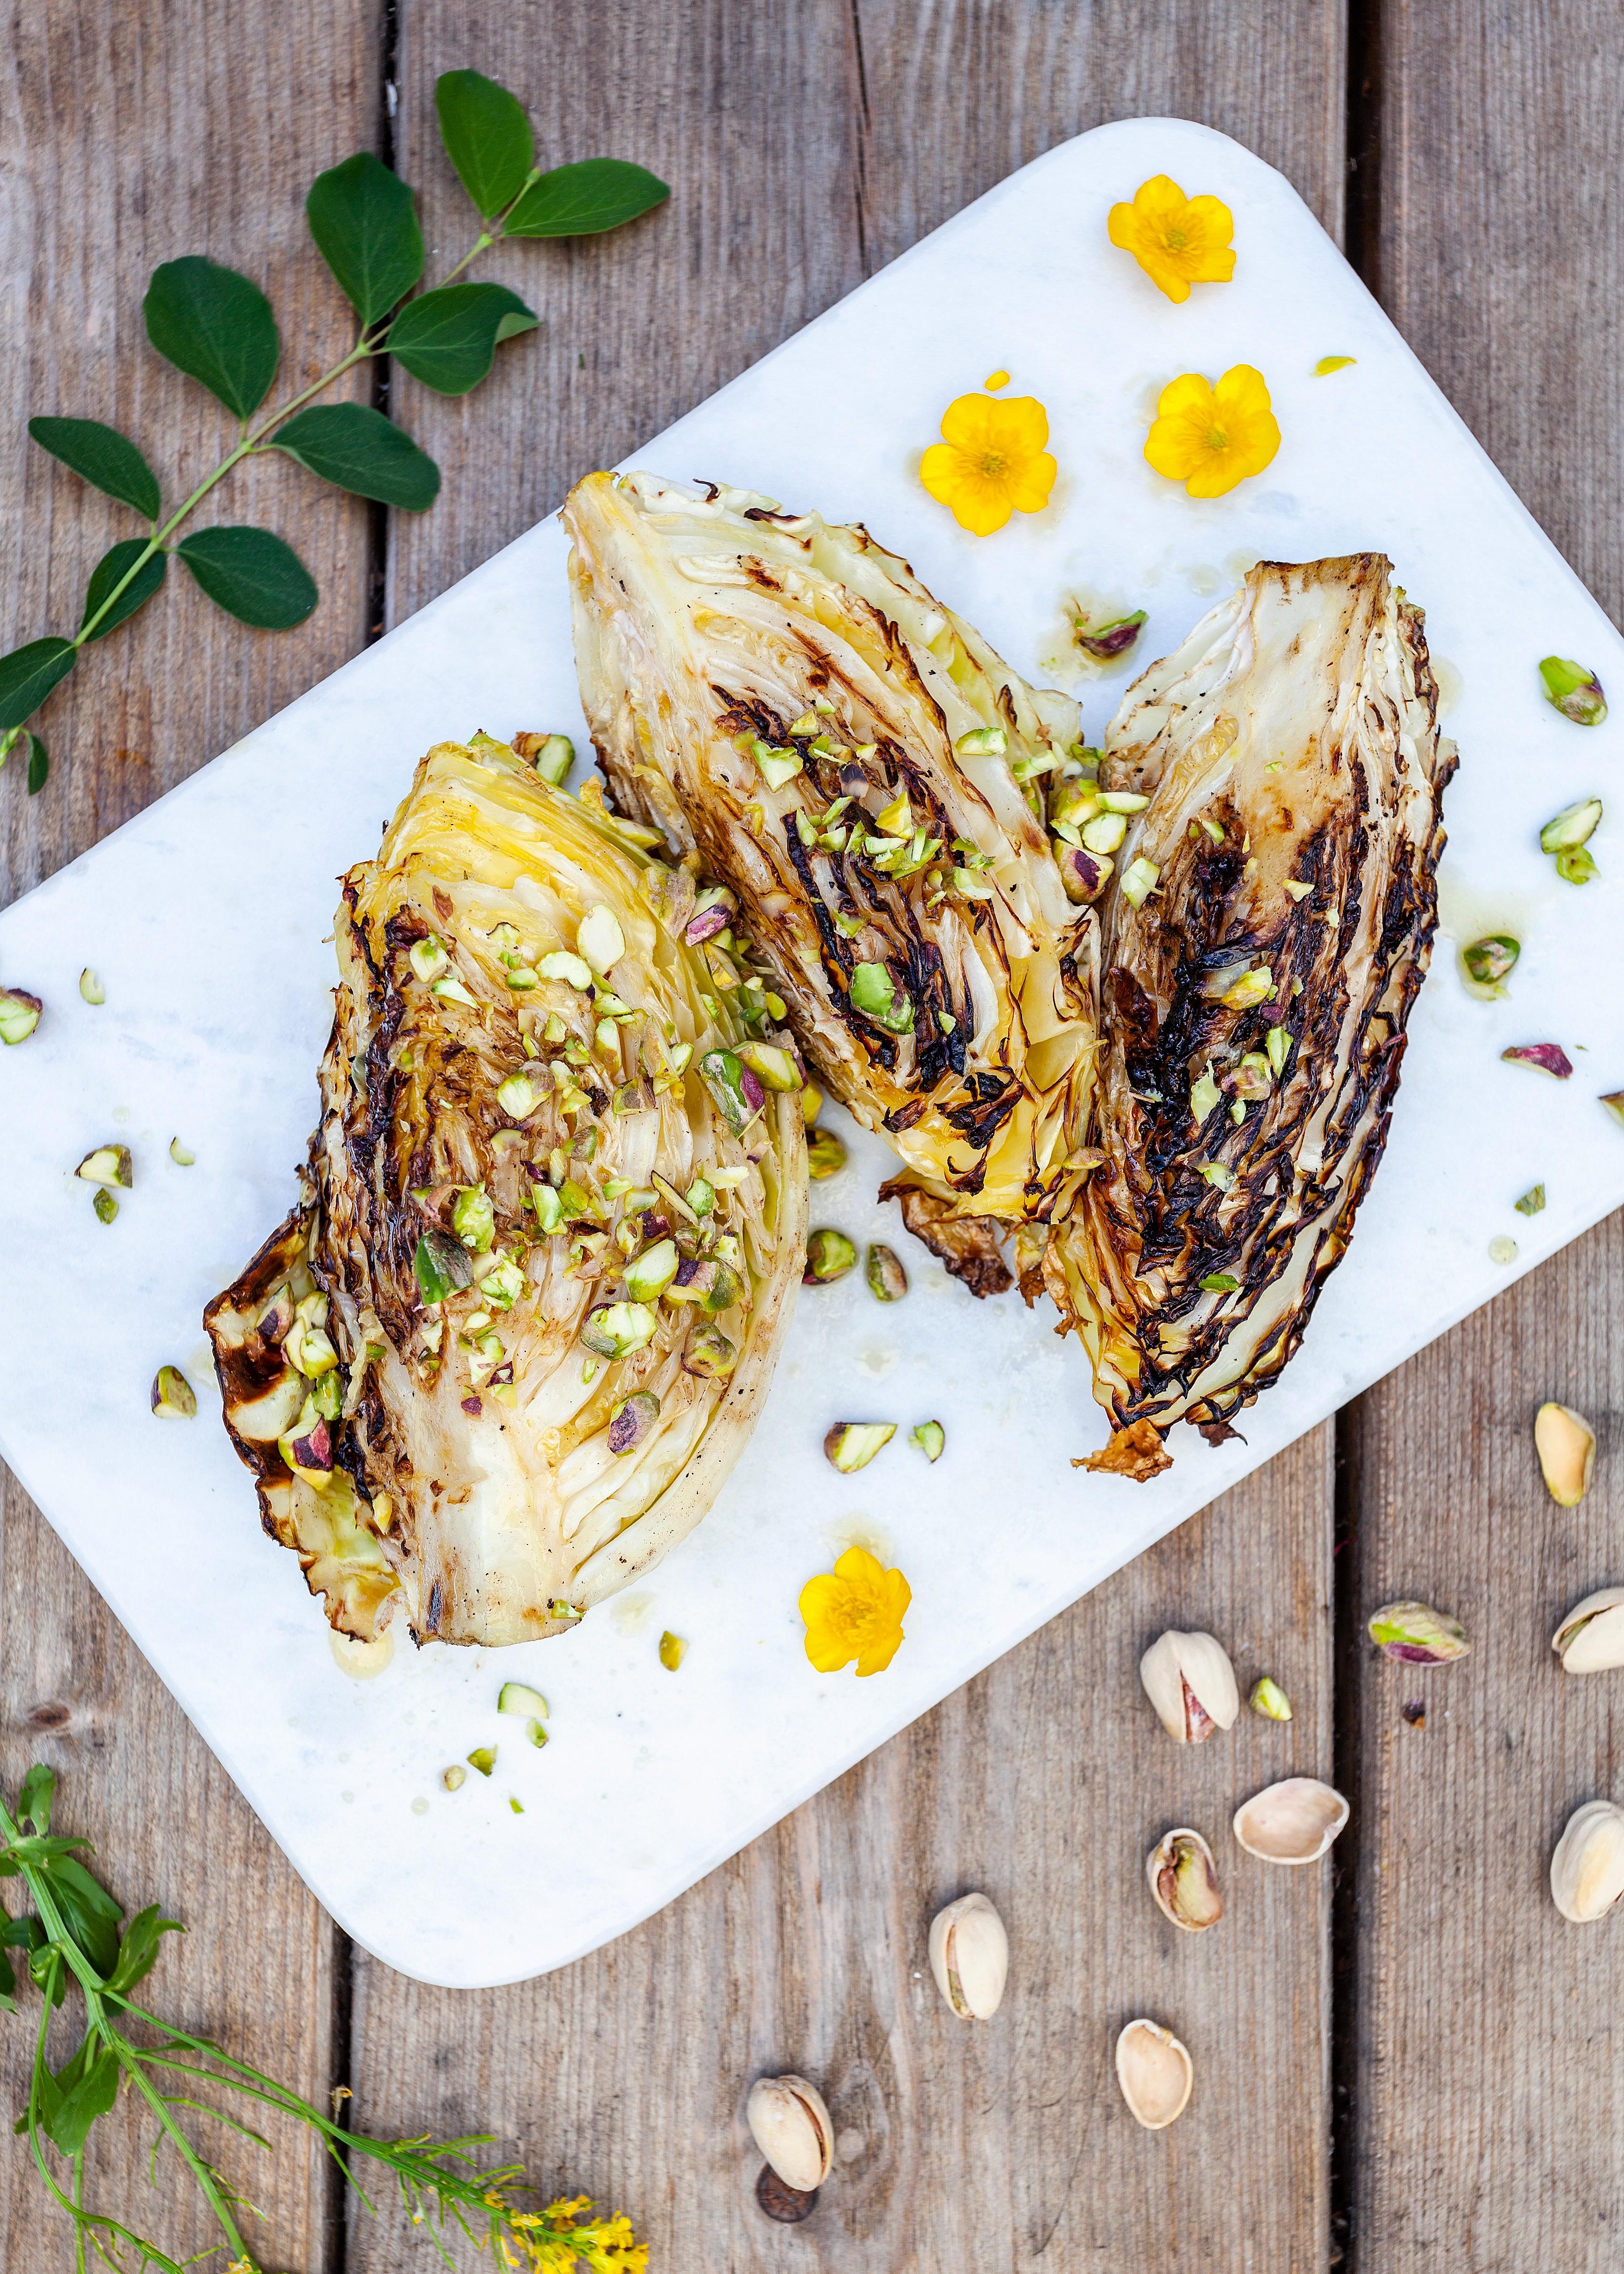 Helgrillad spetskål med brynt smör och crunchiga nötter